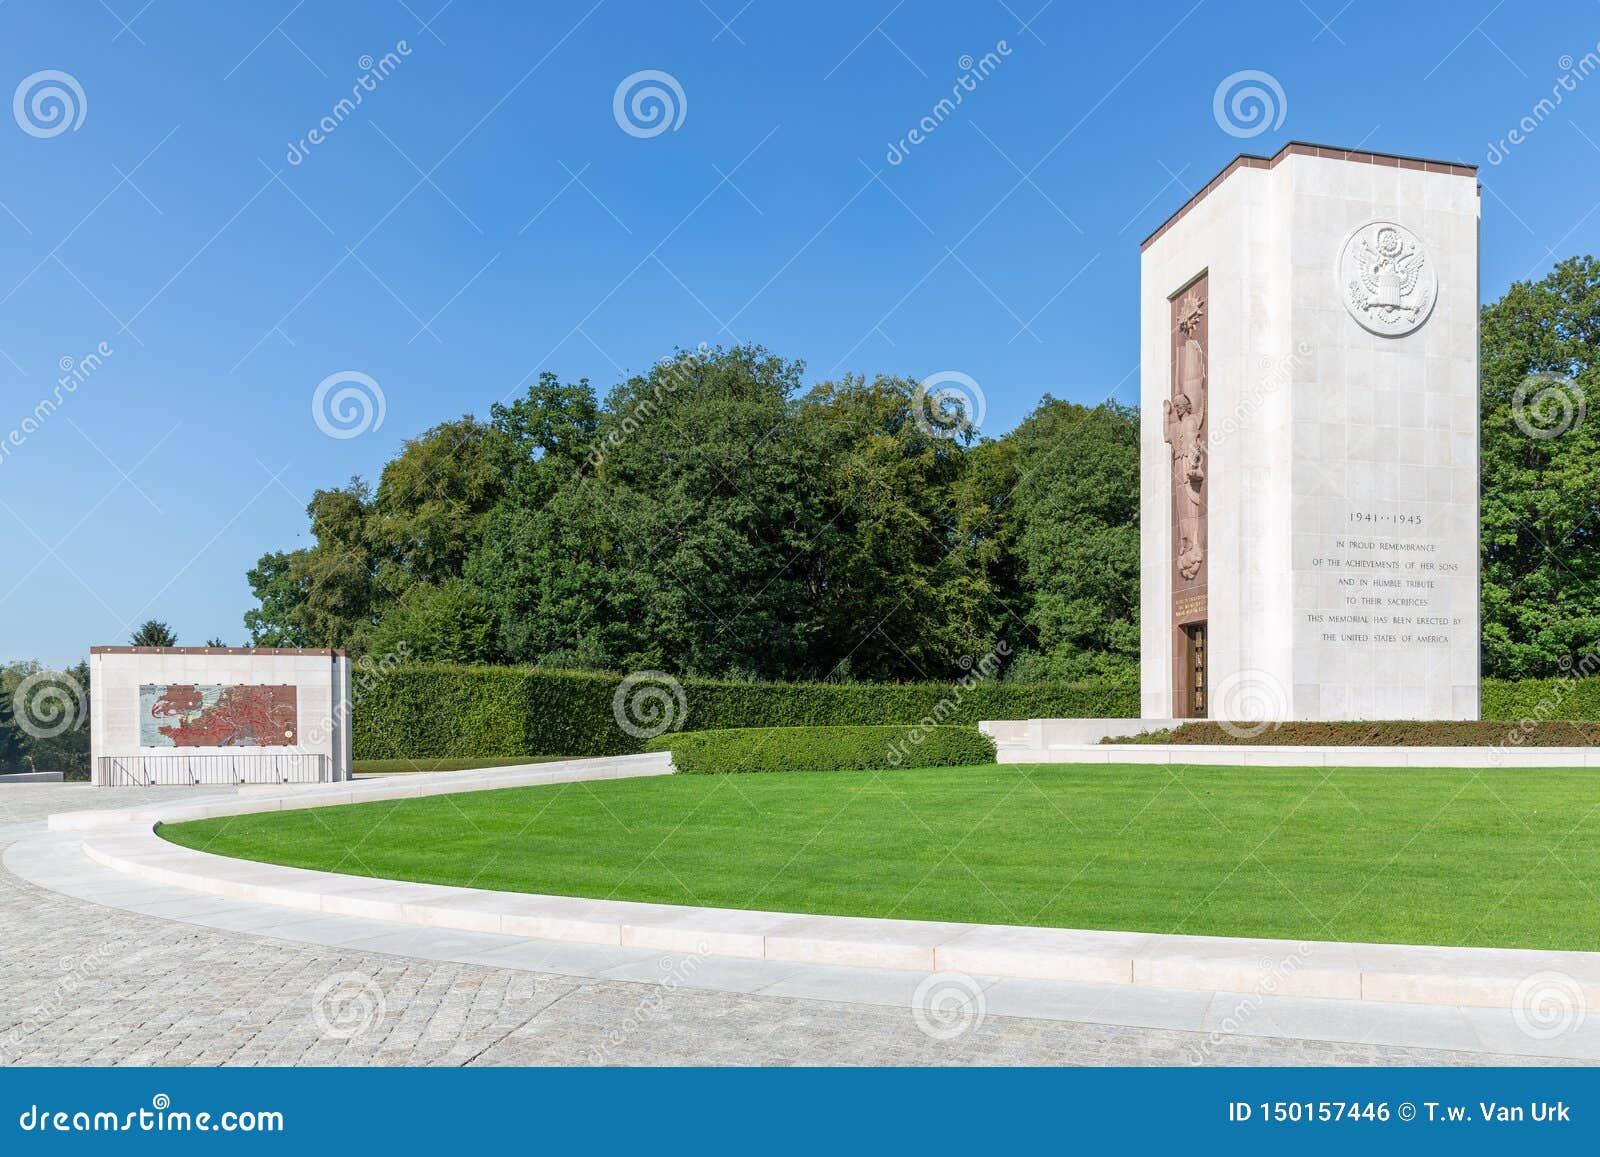 Cimetière de l Américain WW2 avec le monument commémoratif et carte au Luxembourg